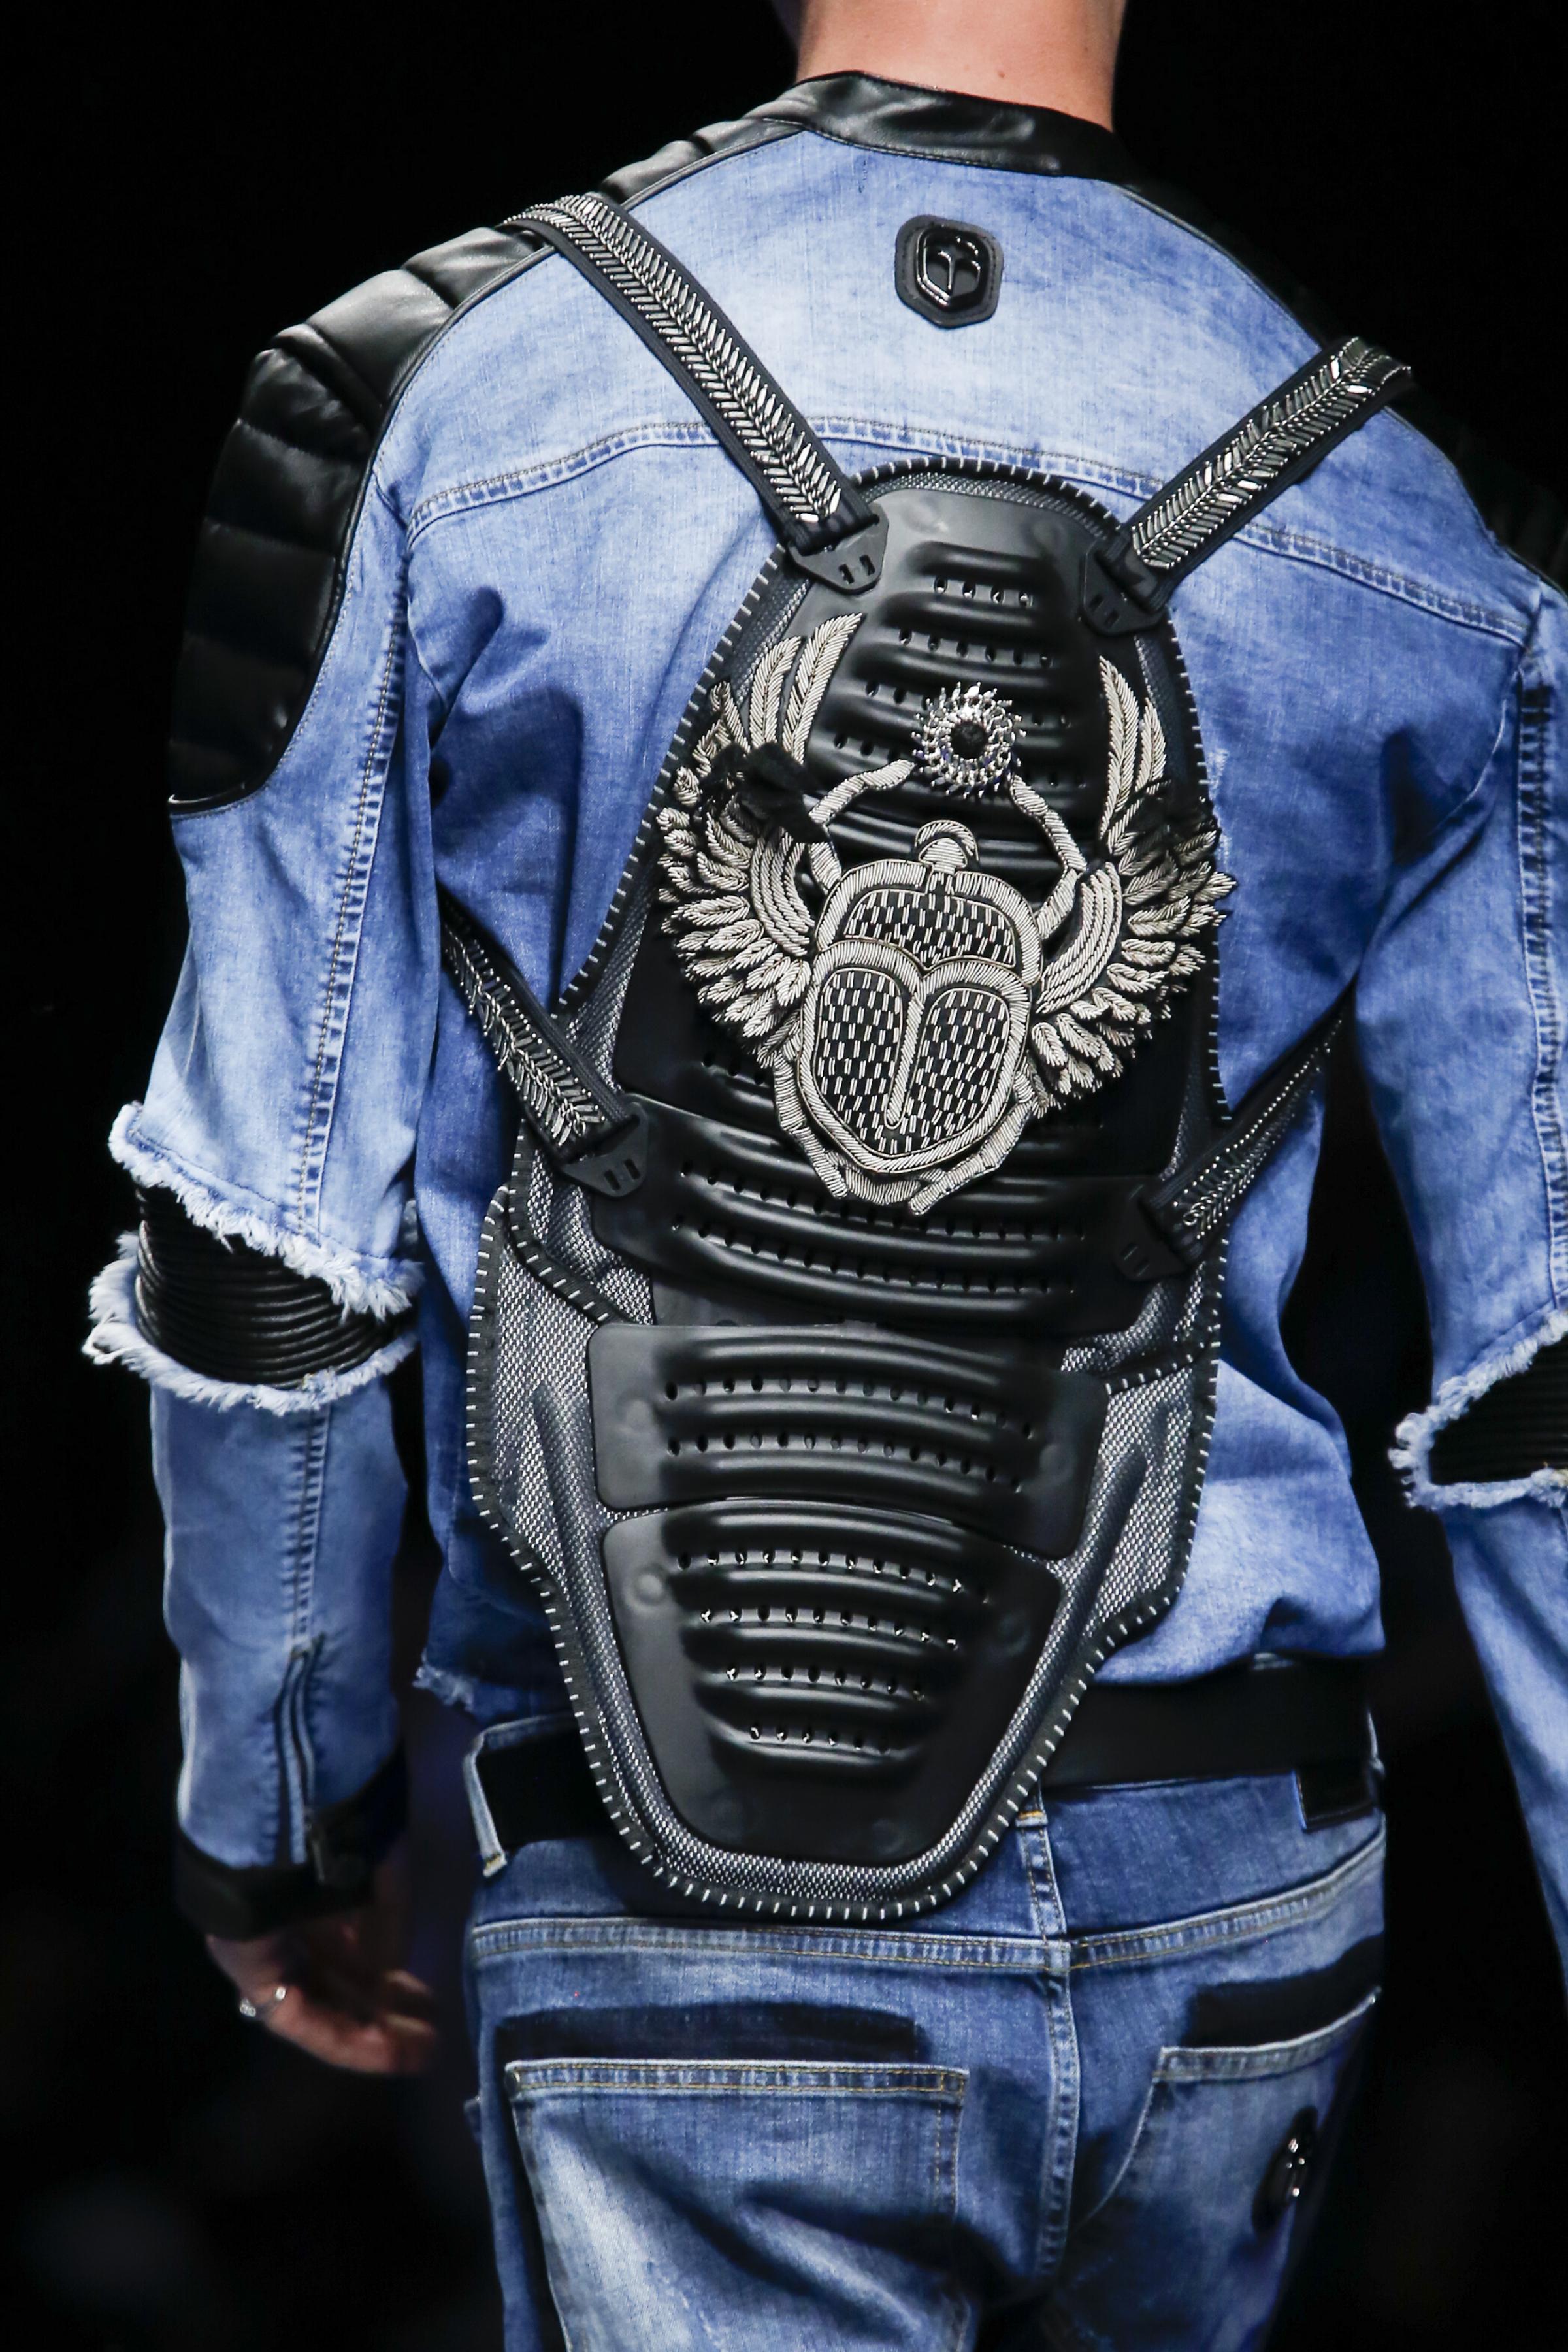 Milan Fashion Week Spring: Schwarzer Lederrucksack bei Frankie Morello (ddp images)